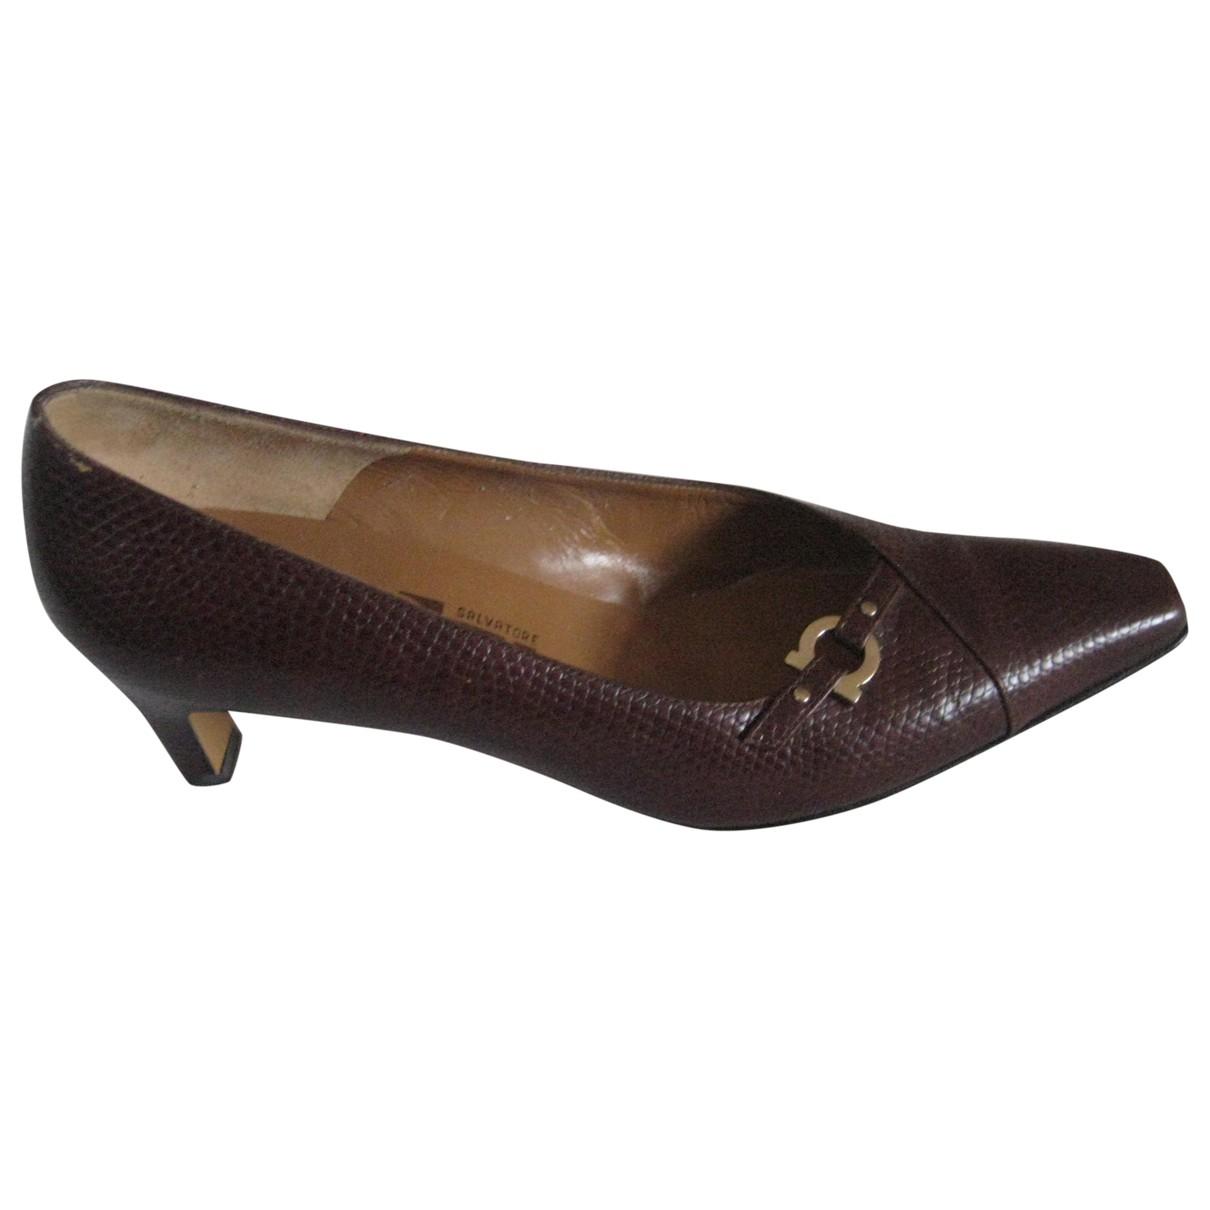 Salvatore Ferragamo N Brown Leather Heels for Women 8 US